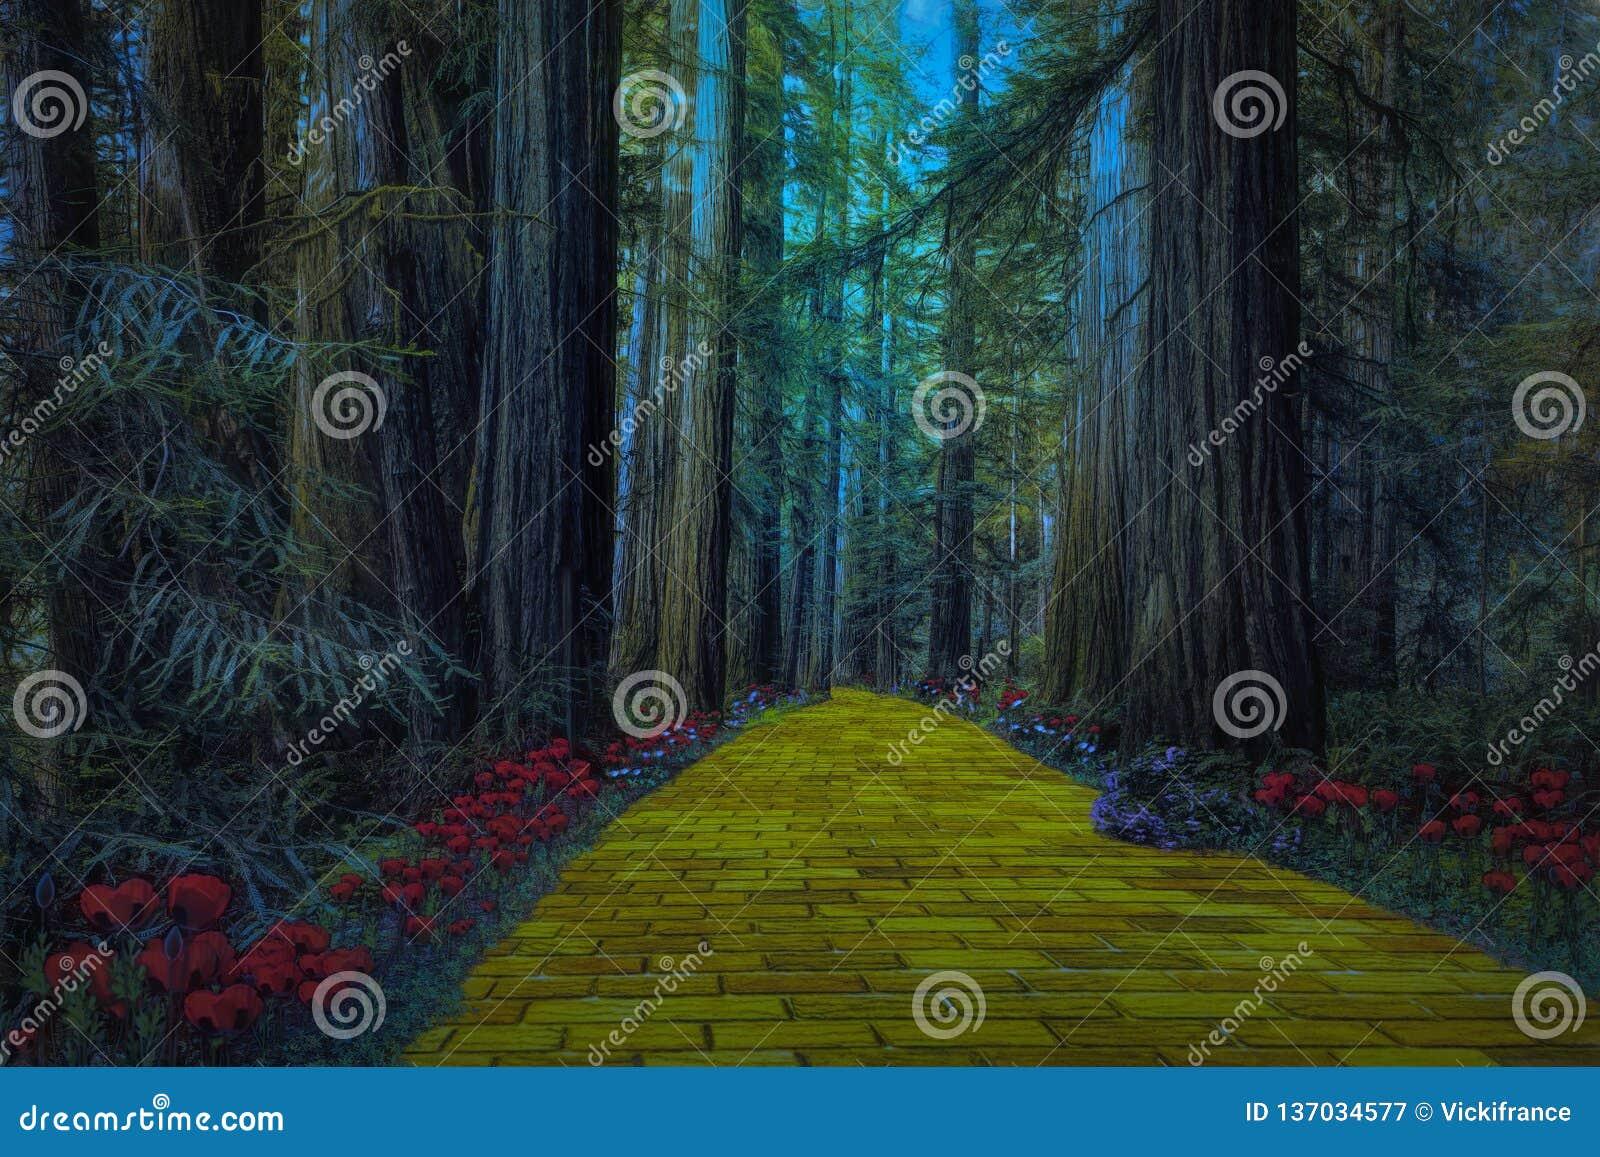 Camino amarillo del ladrillo que lleva a través de un bosque oscuro fantasmagórico